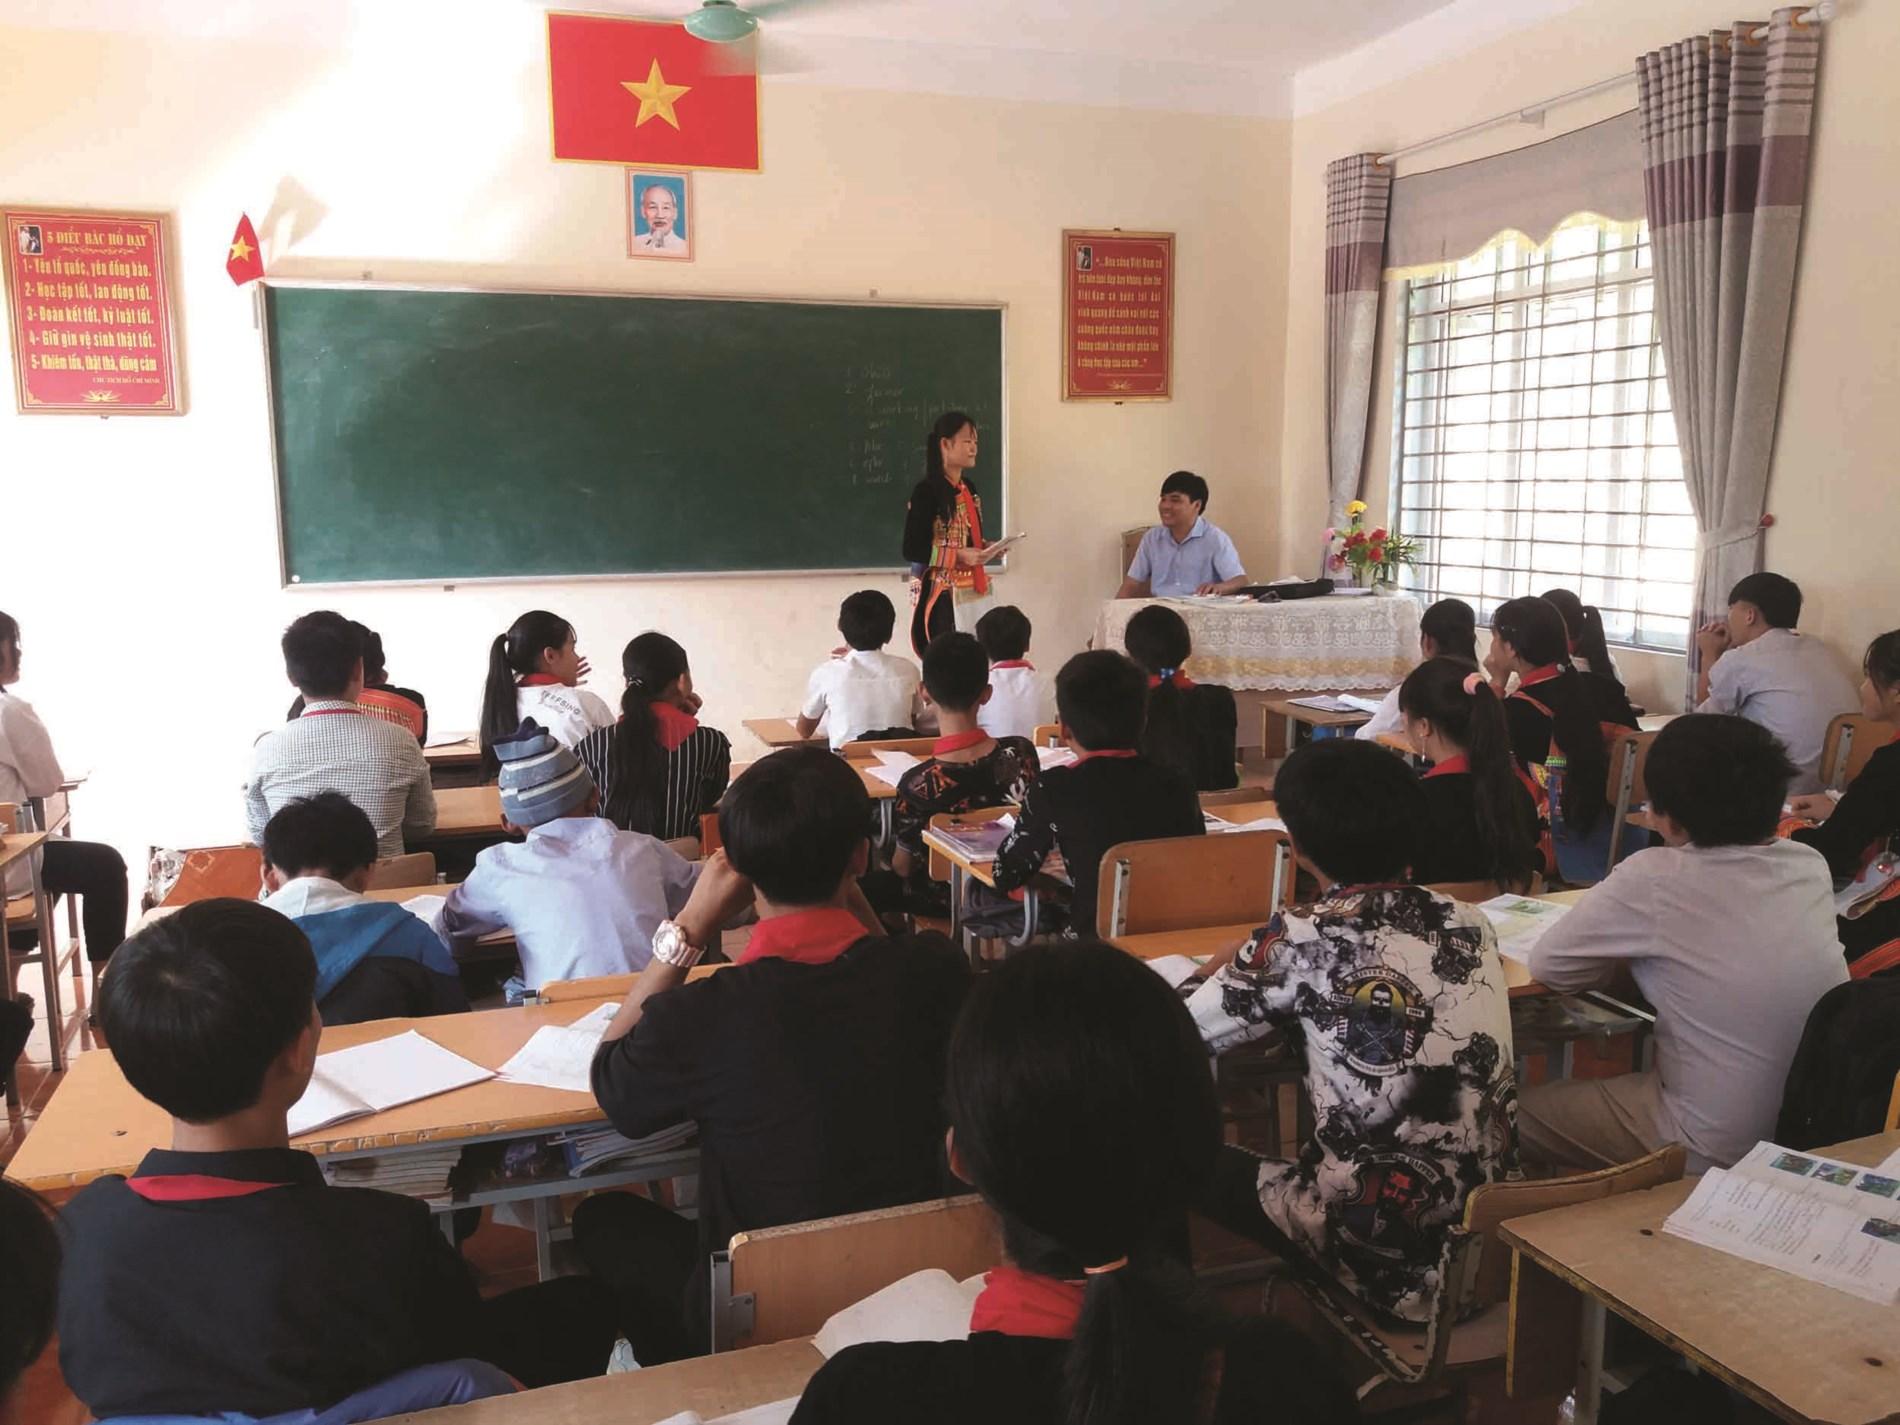 Em Hoàng Thị Yến (người đứng) trong giờ trả bài môn tiếng Anh.